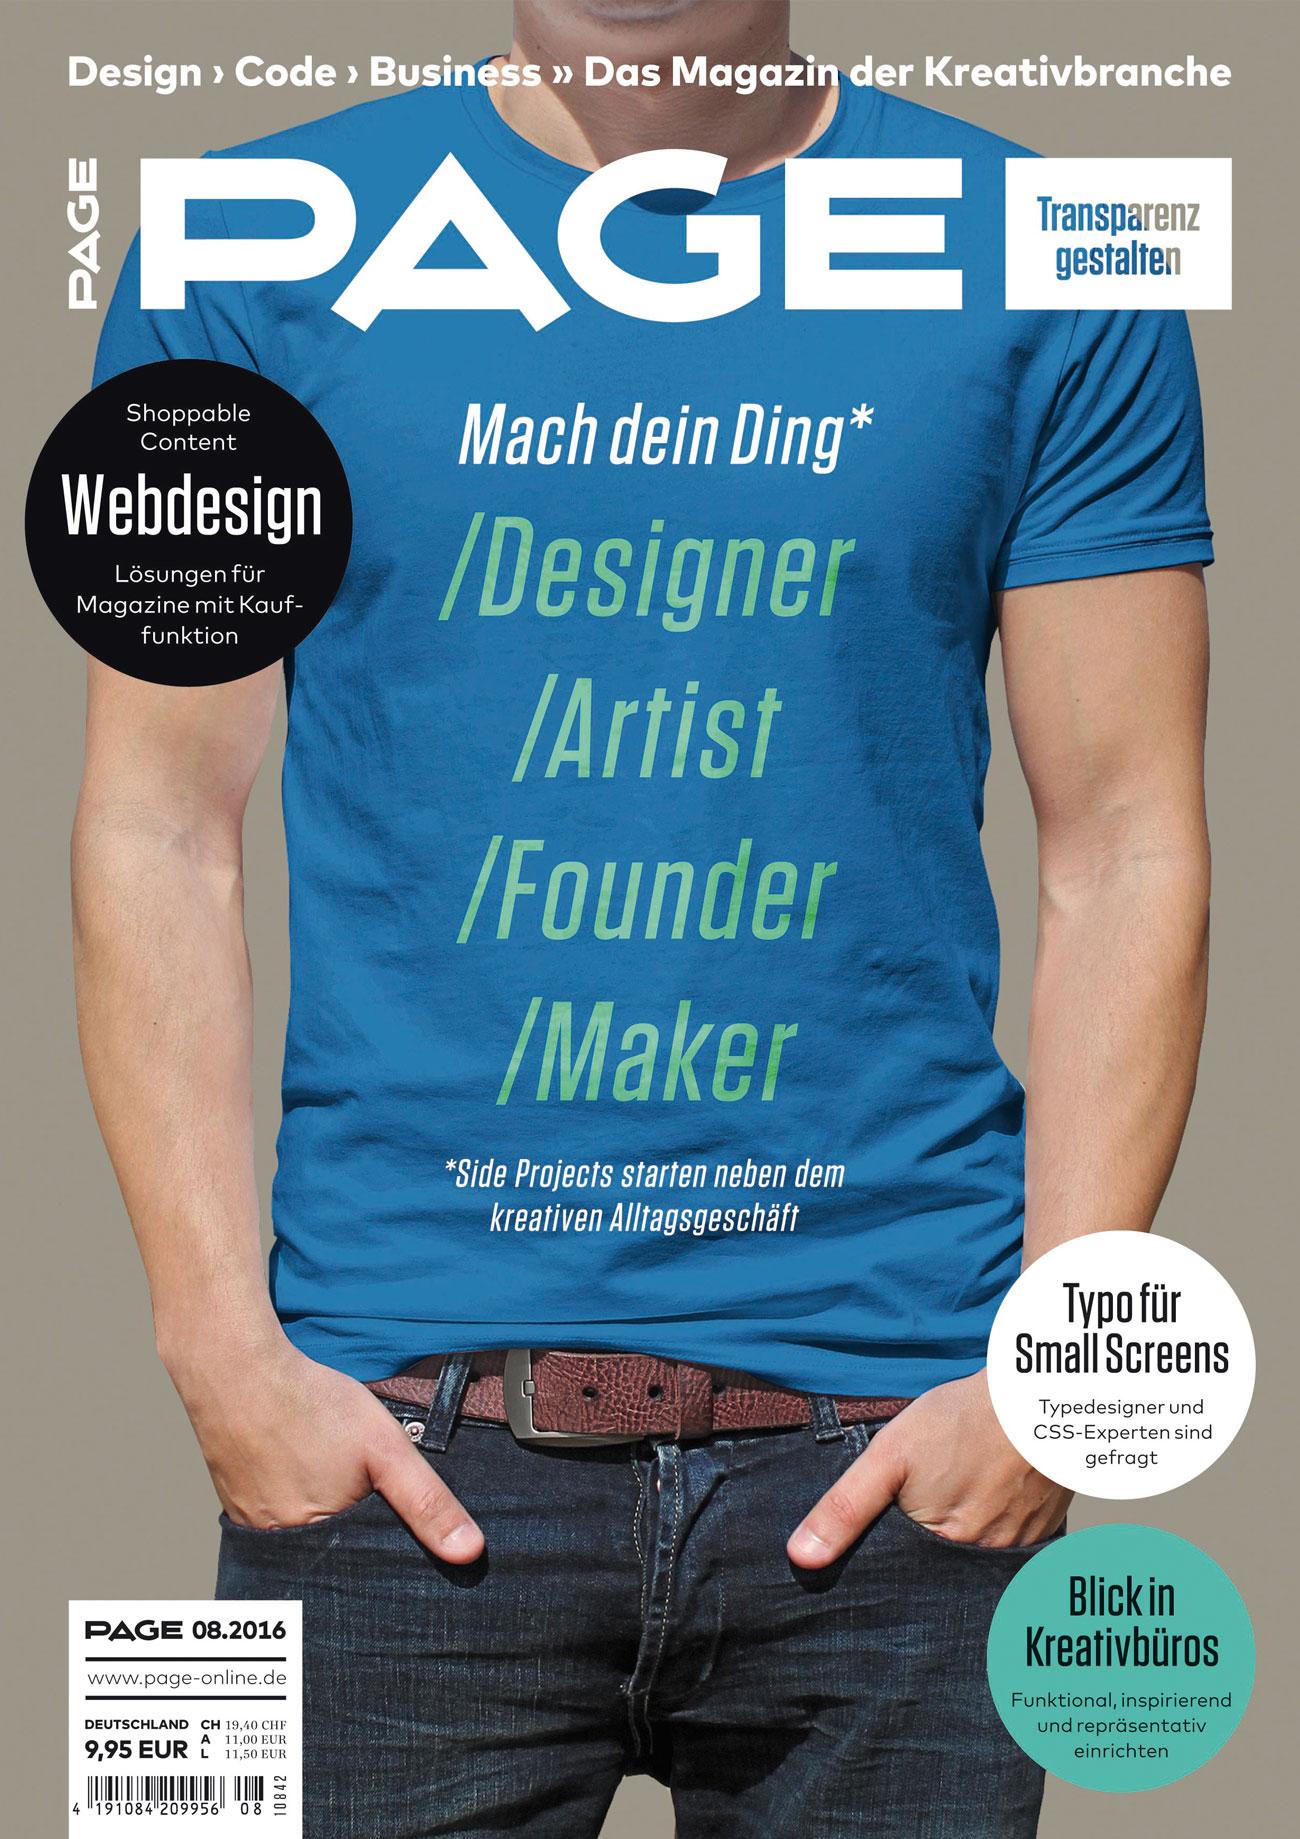 Kundenakquise, Homeoffice, Kreative Berufe, Freelancer, Gründungszuschuss, Werbeagentur, Designagentur, Internetagentur